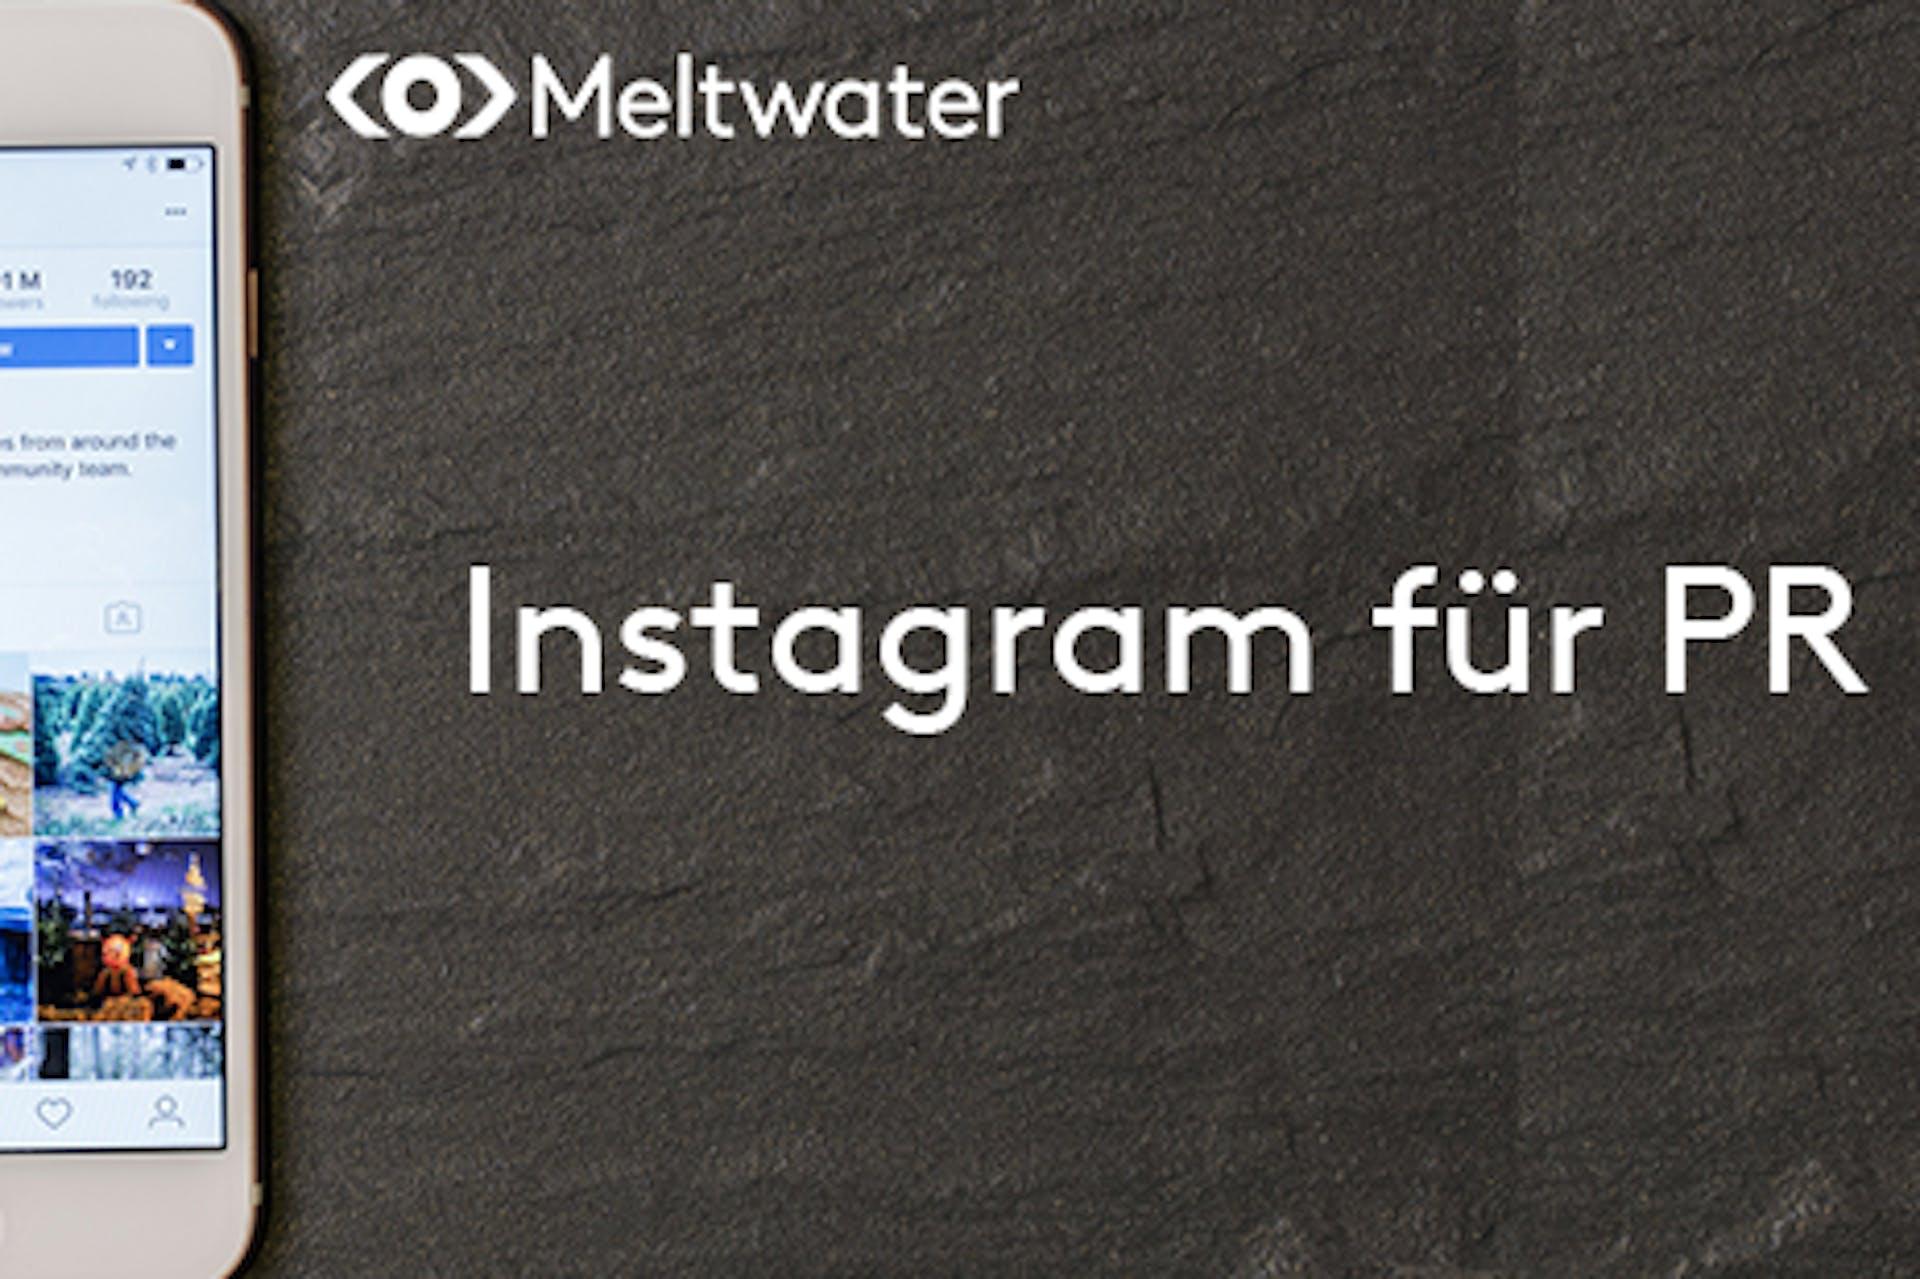 Instagram für PR Schiefertafel Aufschrift